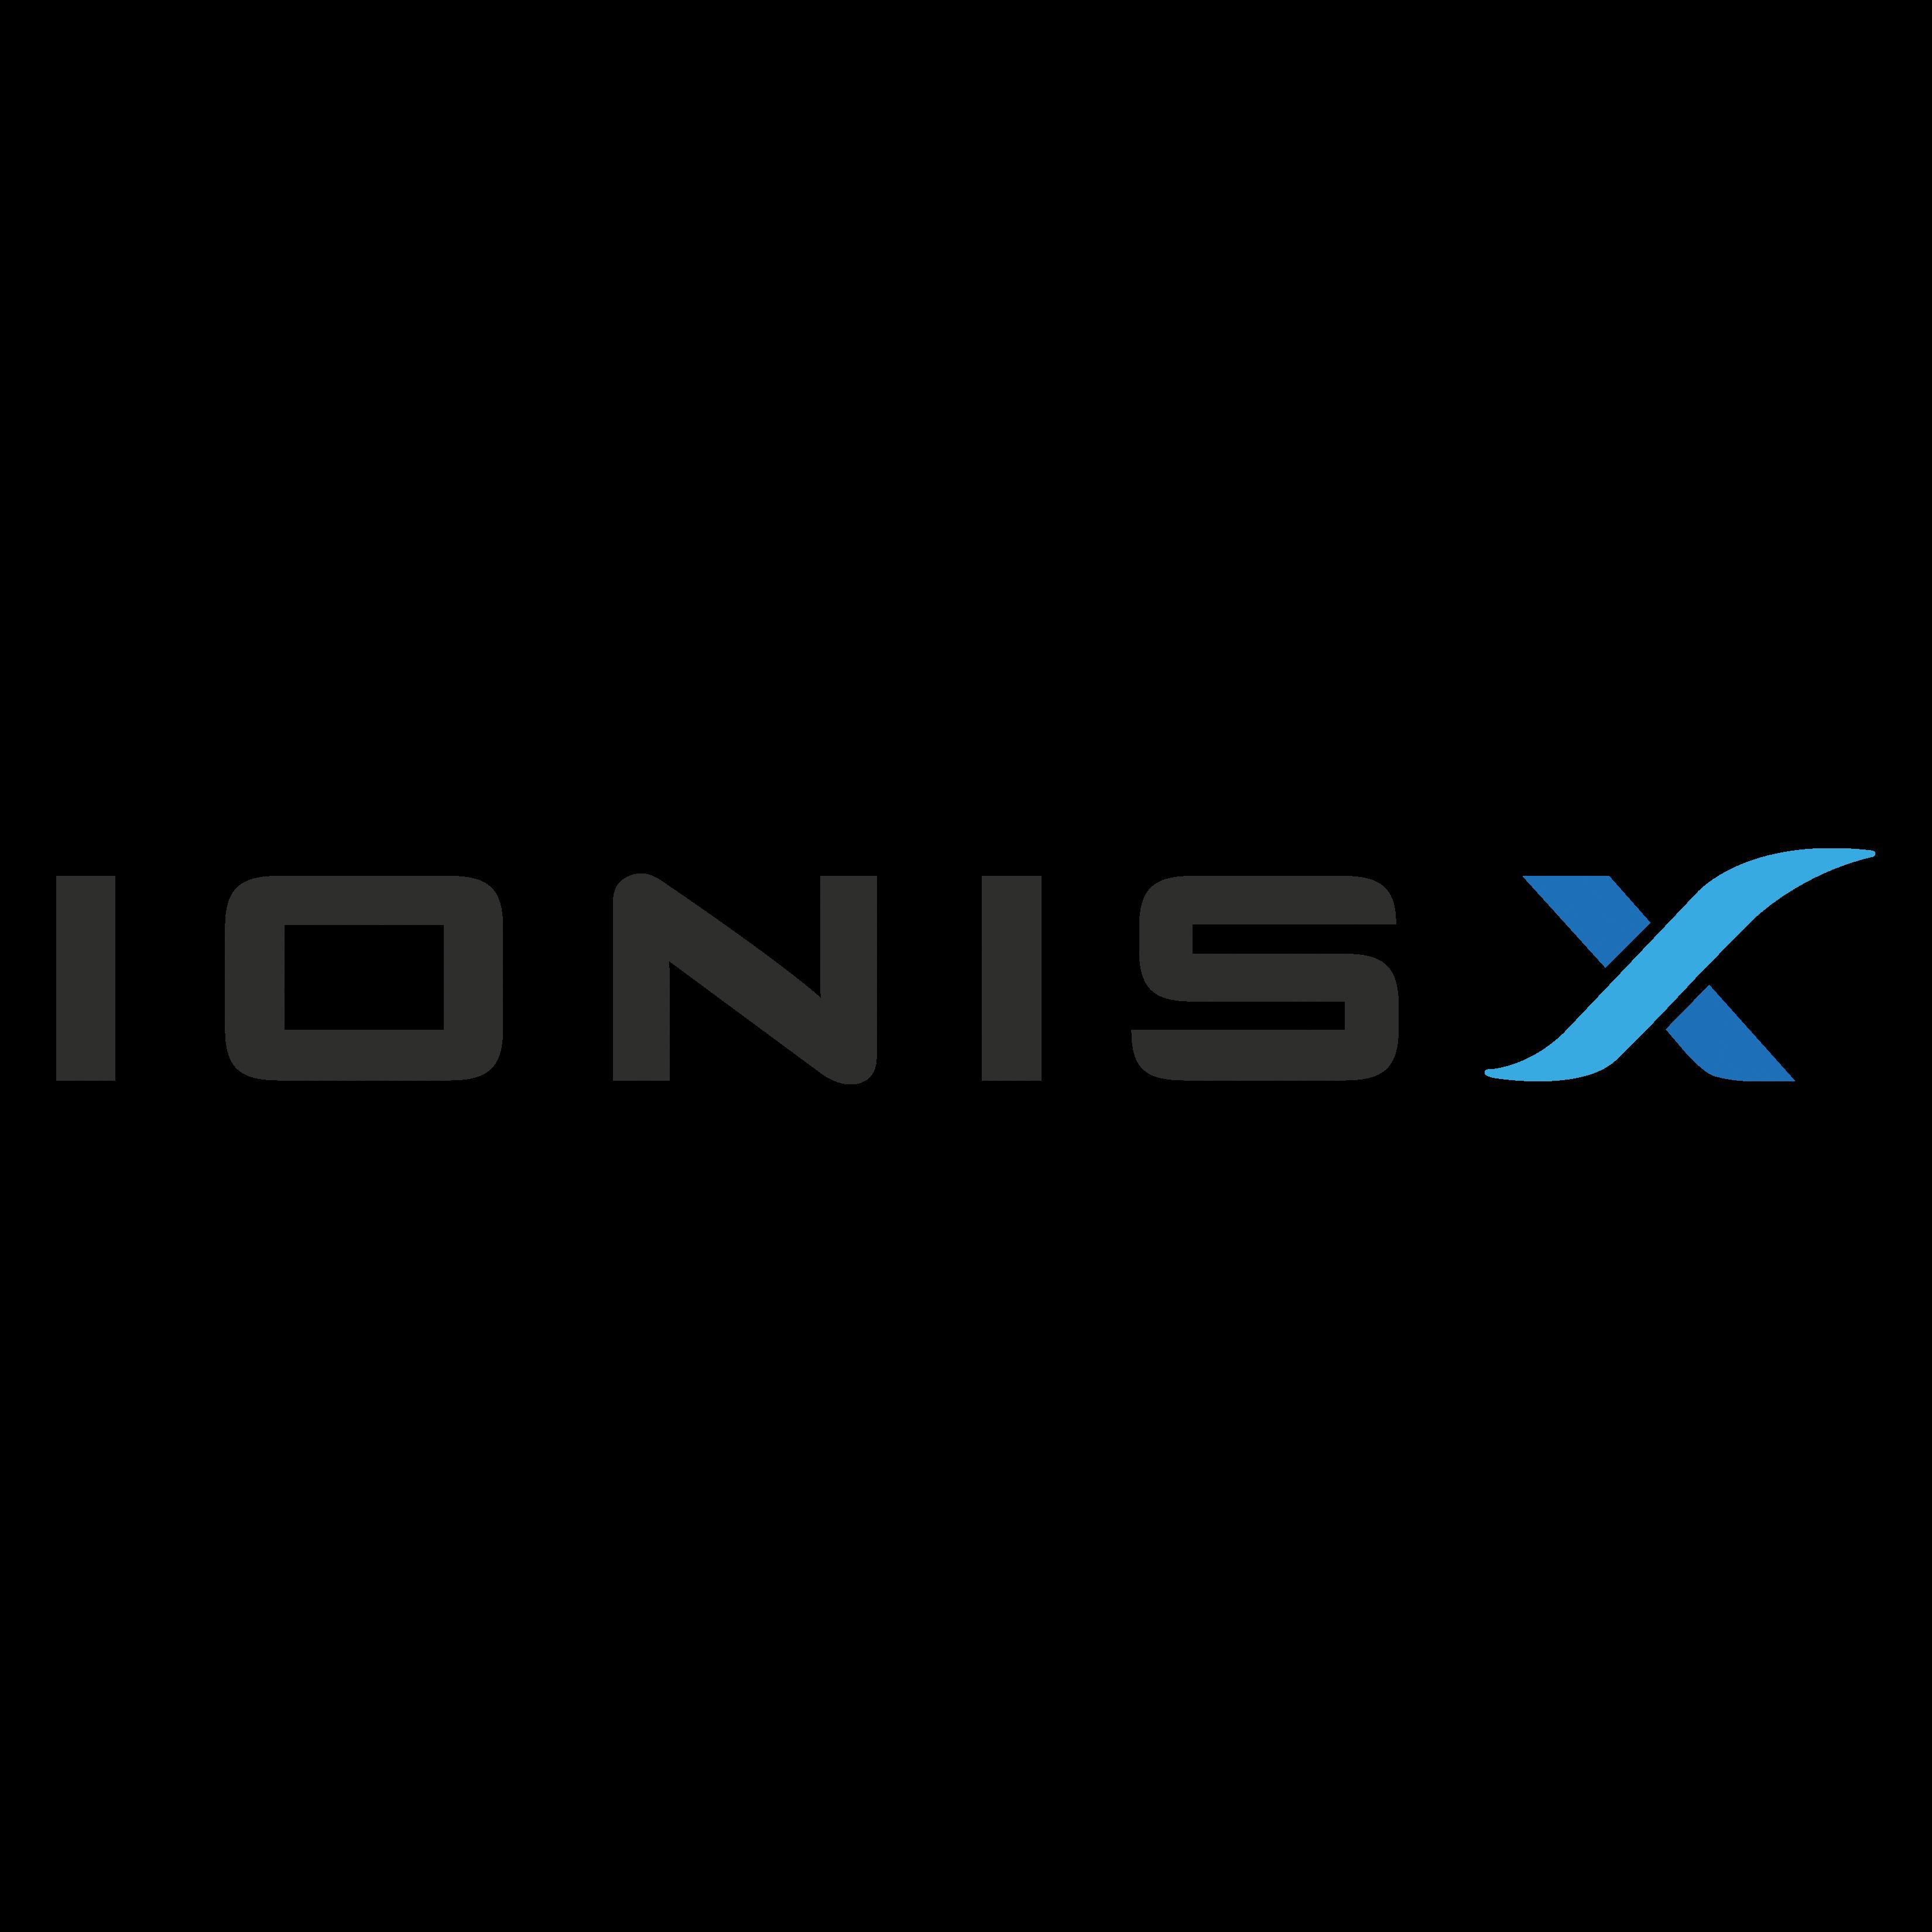 Télephone information entreprise  IONIS X